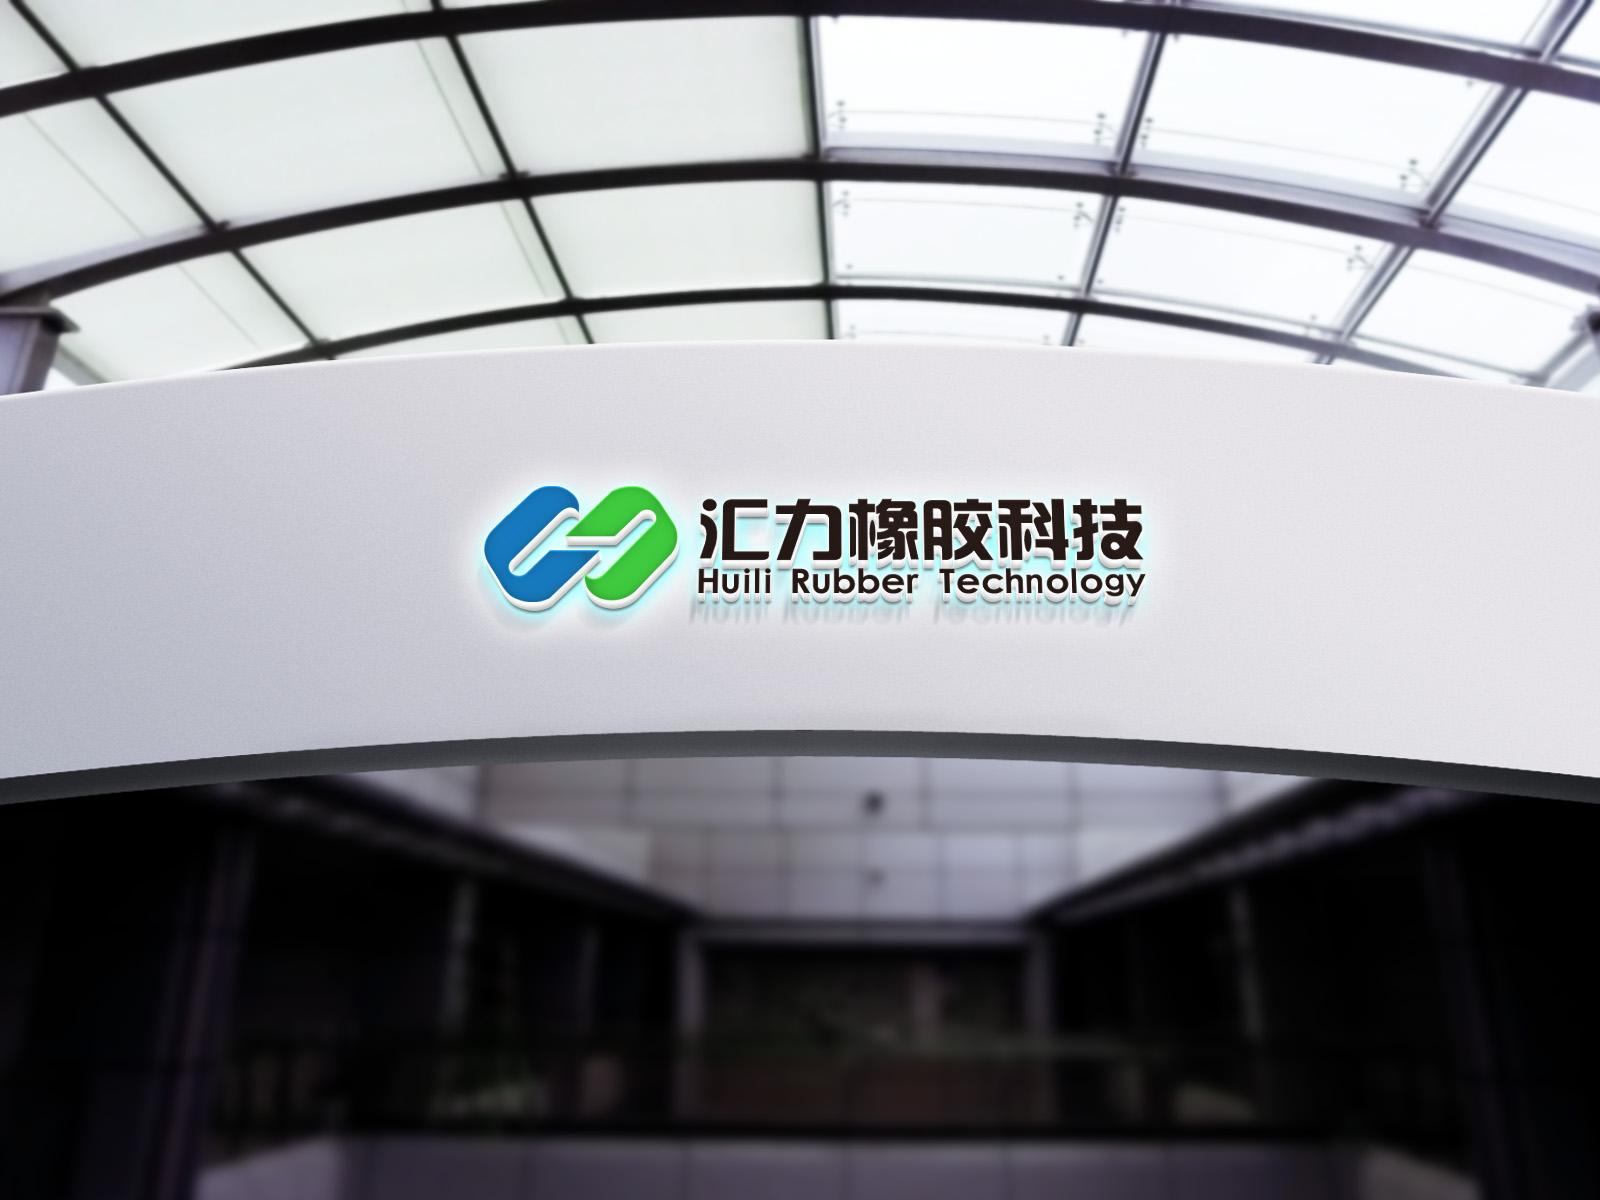 汇力橡胶科技公司征集LOGO_3038179_k68威客网